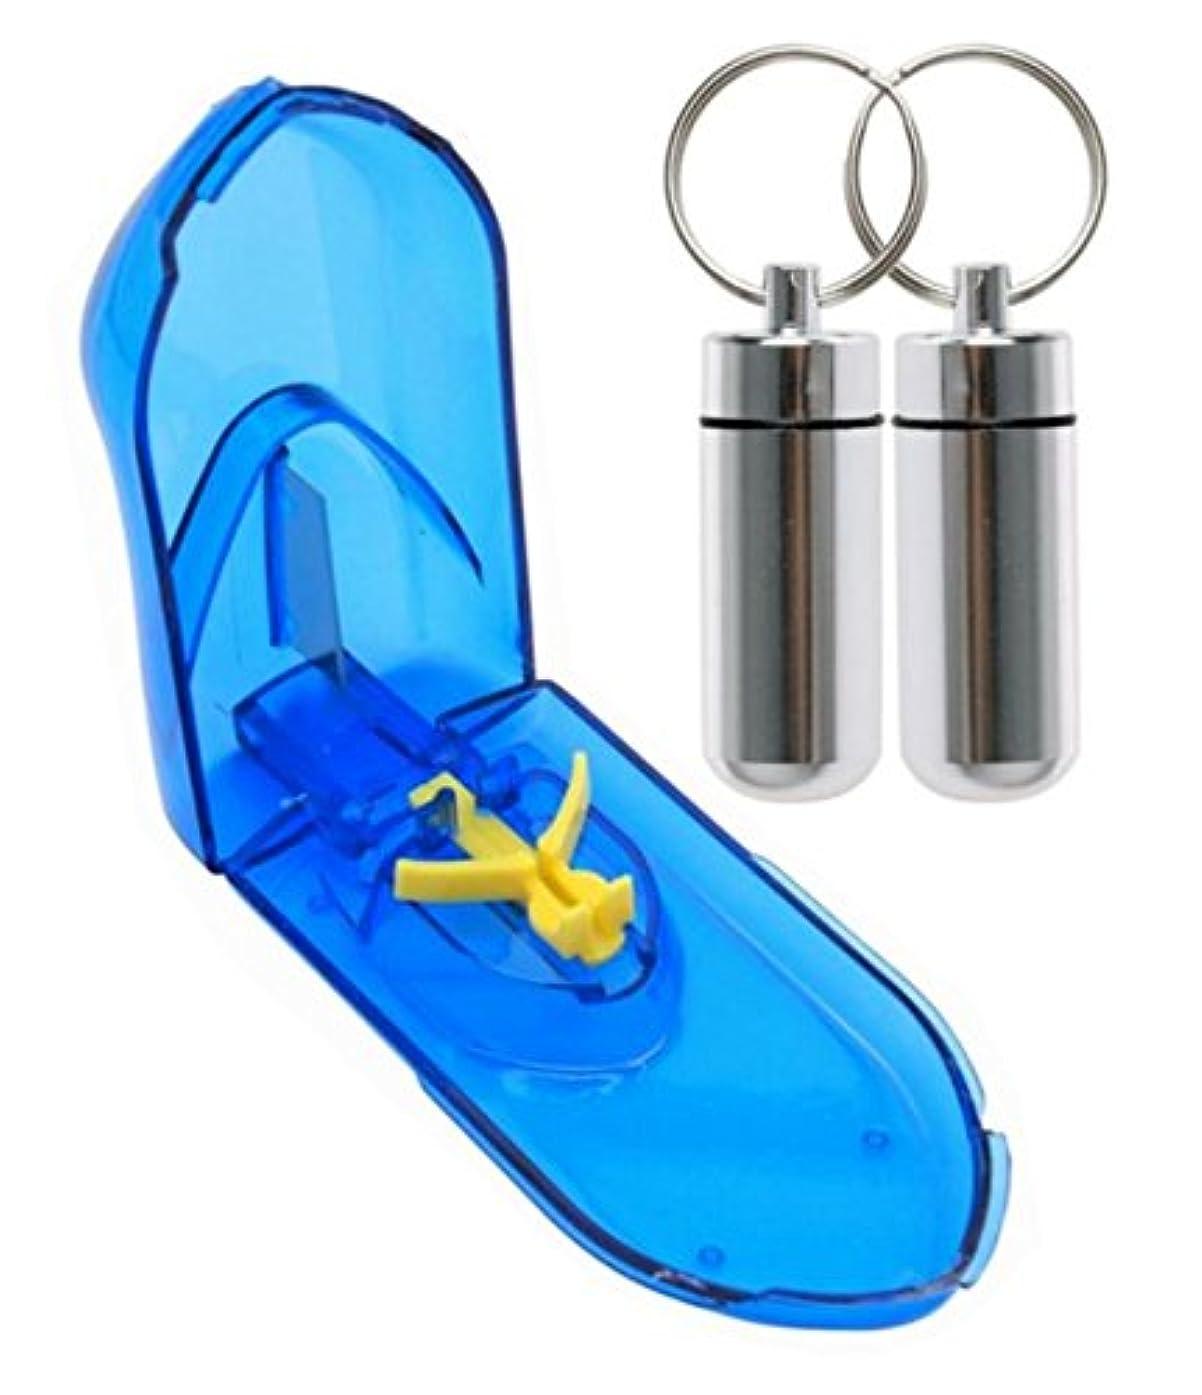 カイウス野心はっきりと【HappyHome】簡単操作 ピルカッター + 防水 ピルケース 2個セット (ブルー)